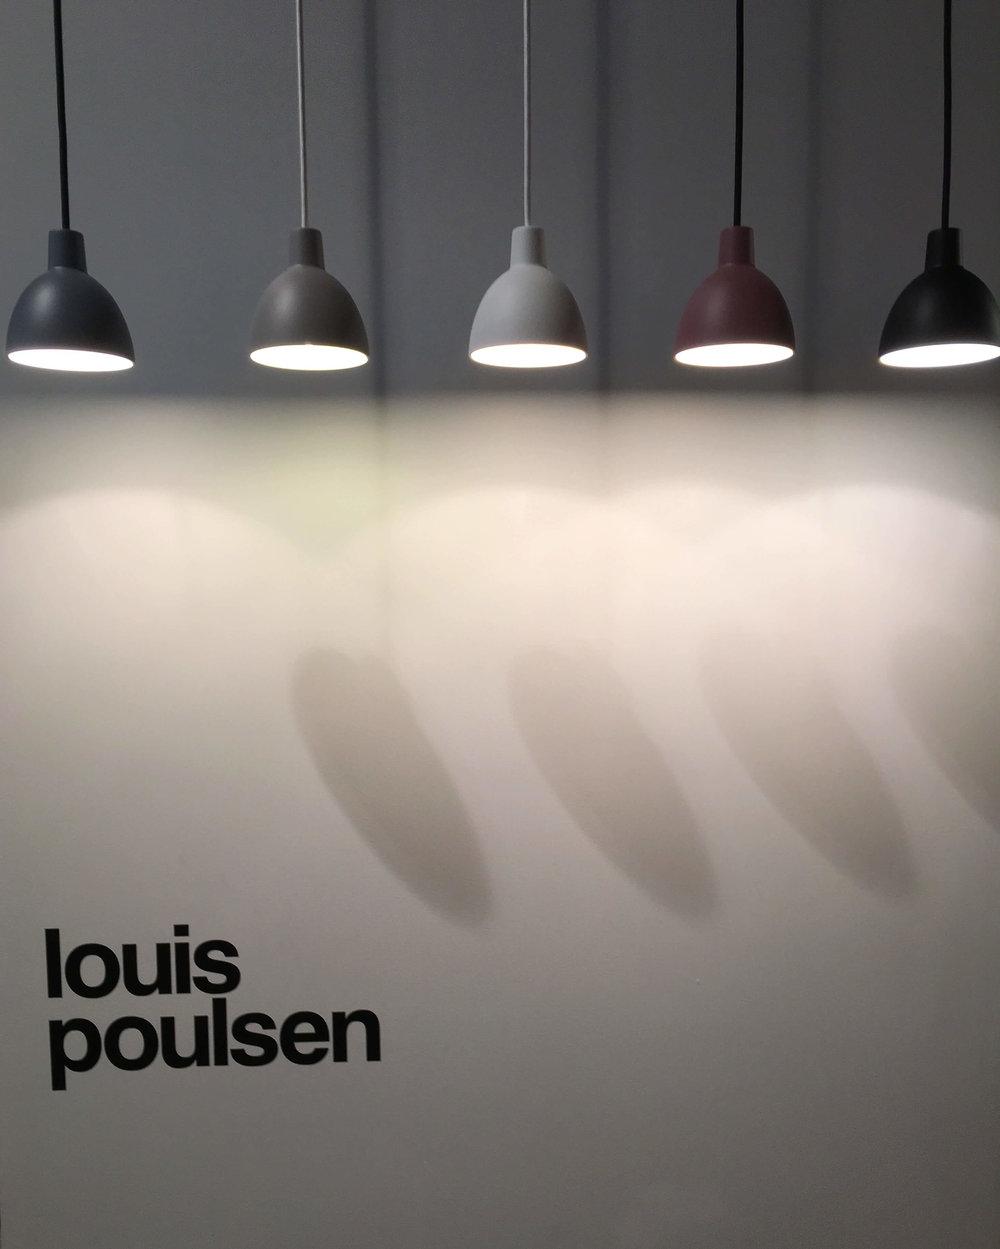 Toldbod, L. Poulsen, Foto: U. Latzke